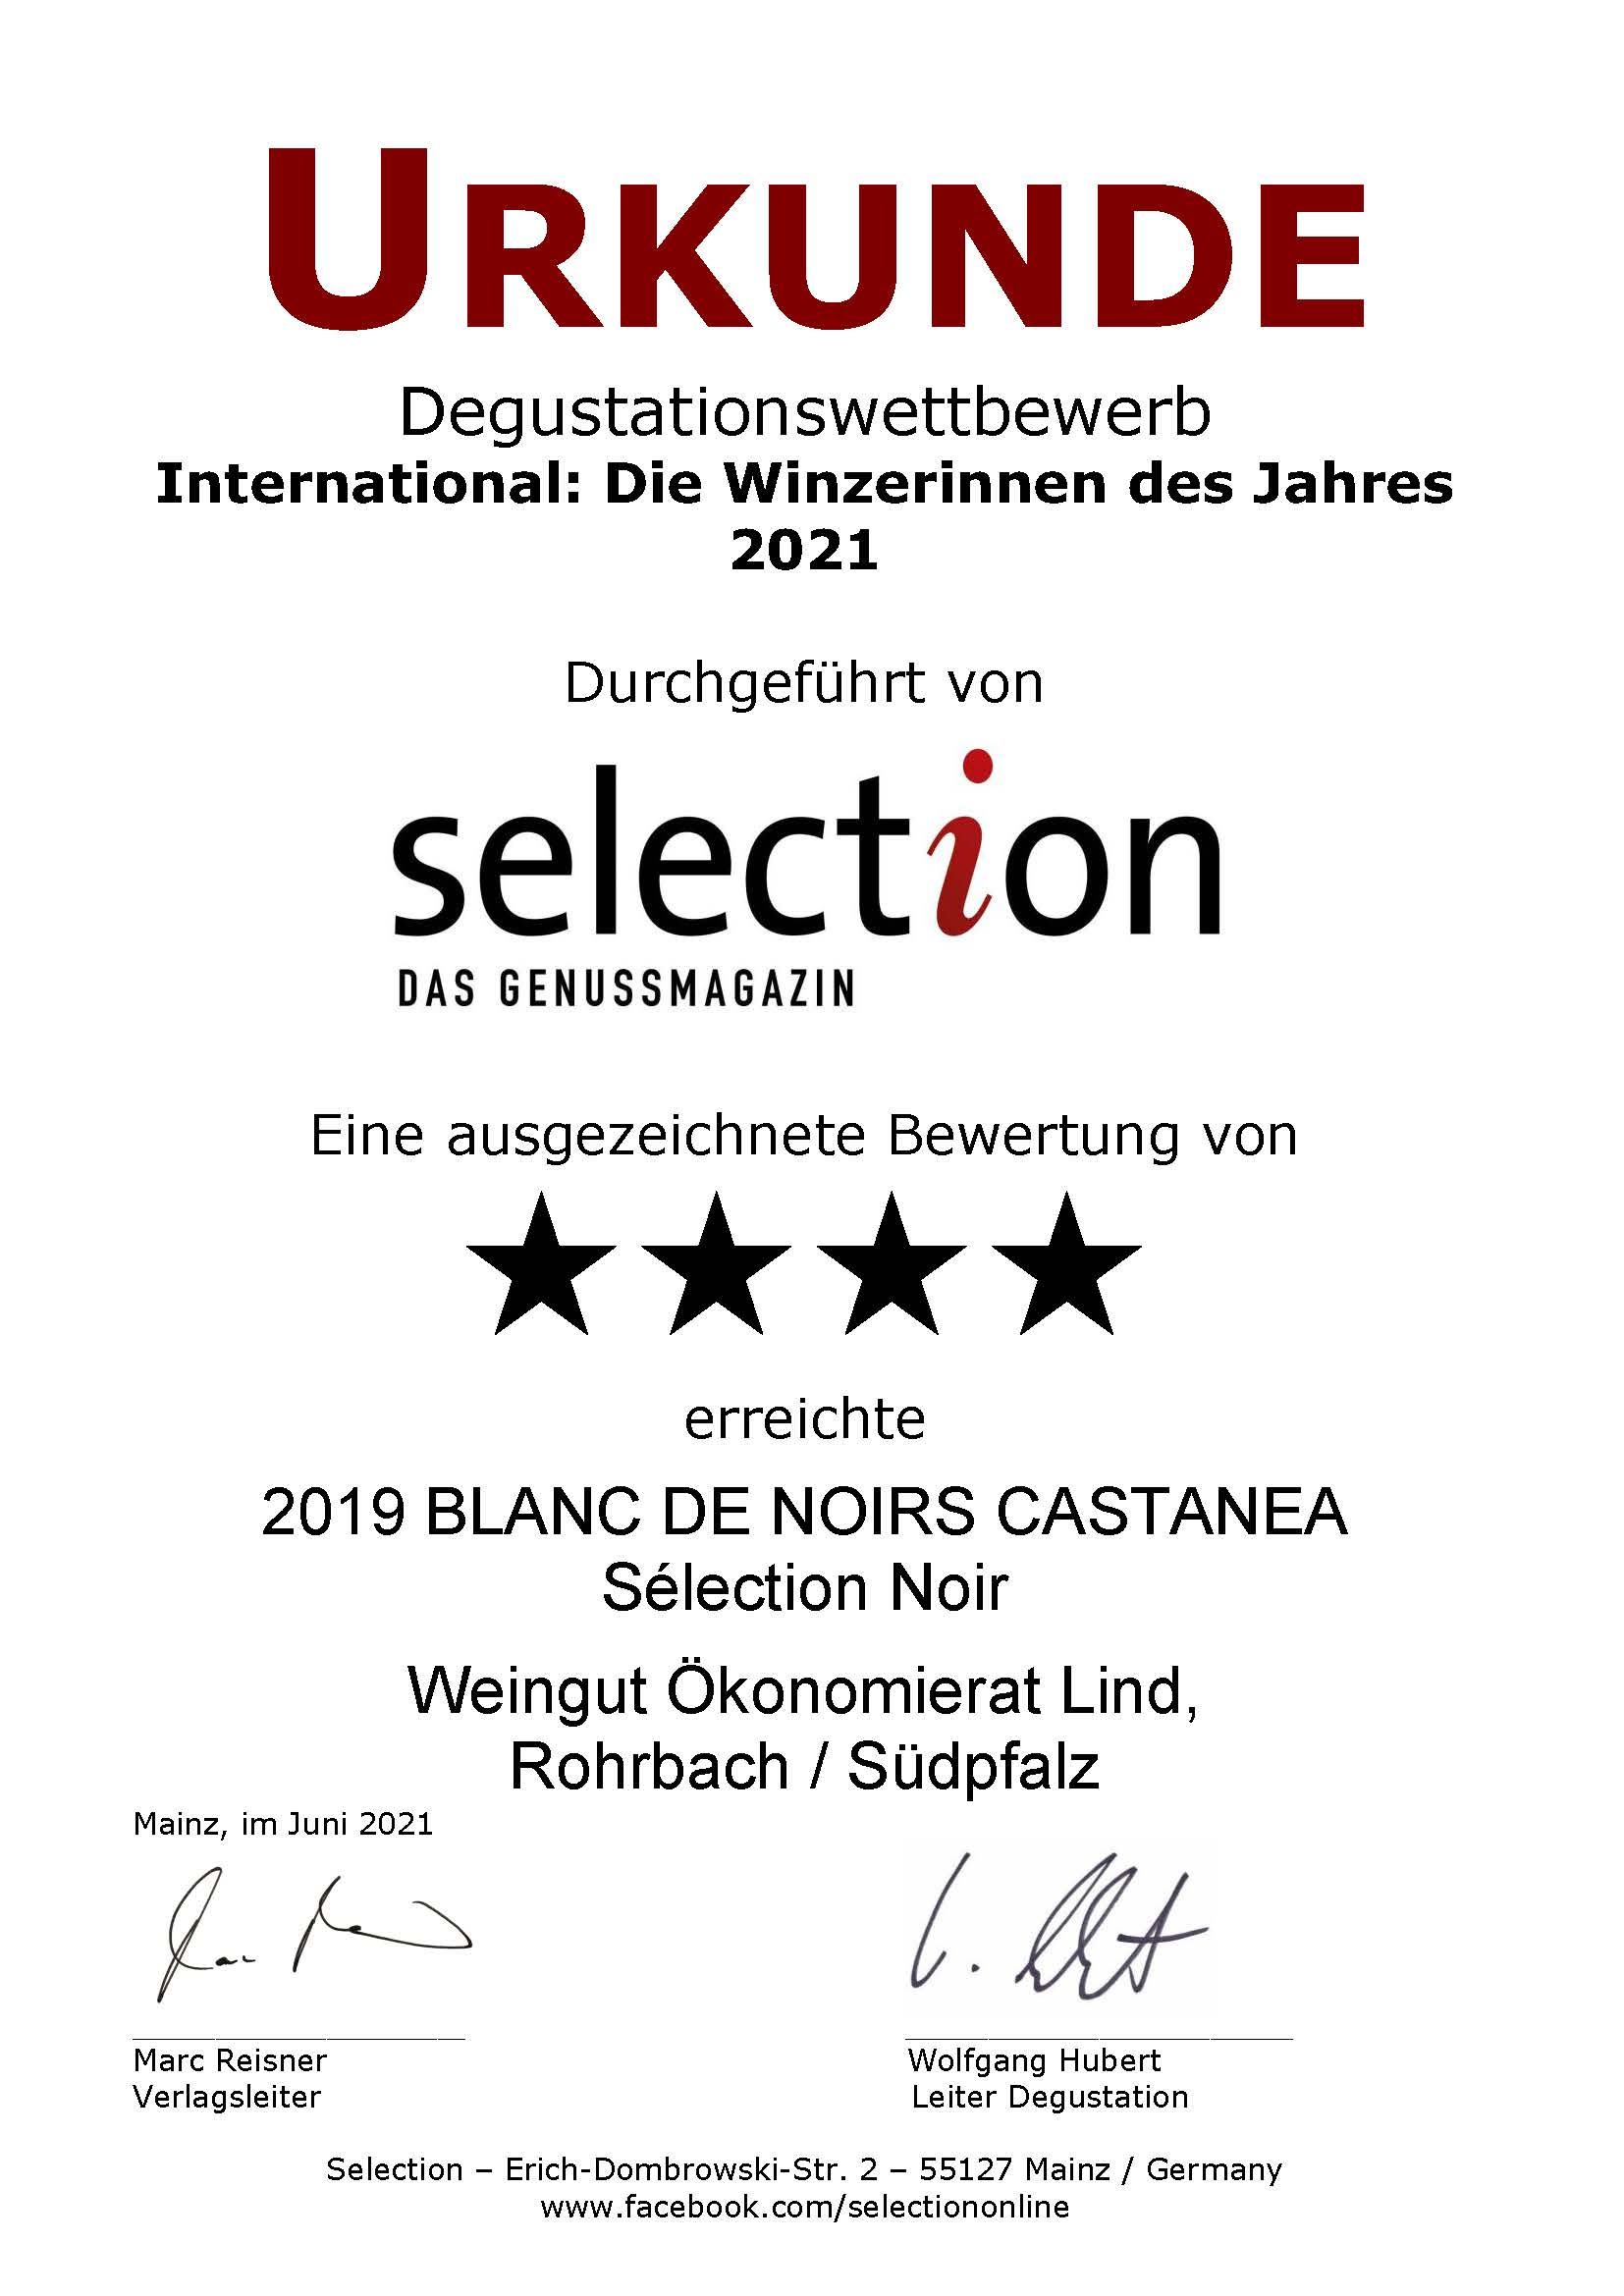 """4 Sterne beim internationalen Degustationswettbewerb """"International: Die Winzerinnen des Jahres 2021"""". Unser 2019 BLANC DE NOIRS CASTANEA Sélection Noir wurde von der Weinfachzeitschrift Selection mit einer Goldmedaille ausgezeichnet."""